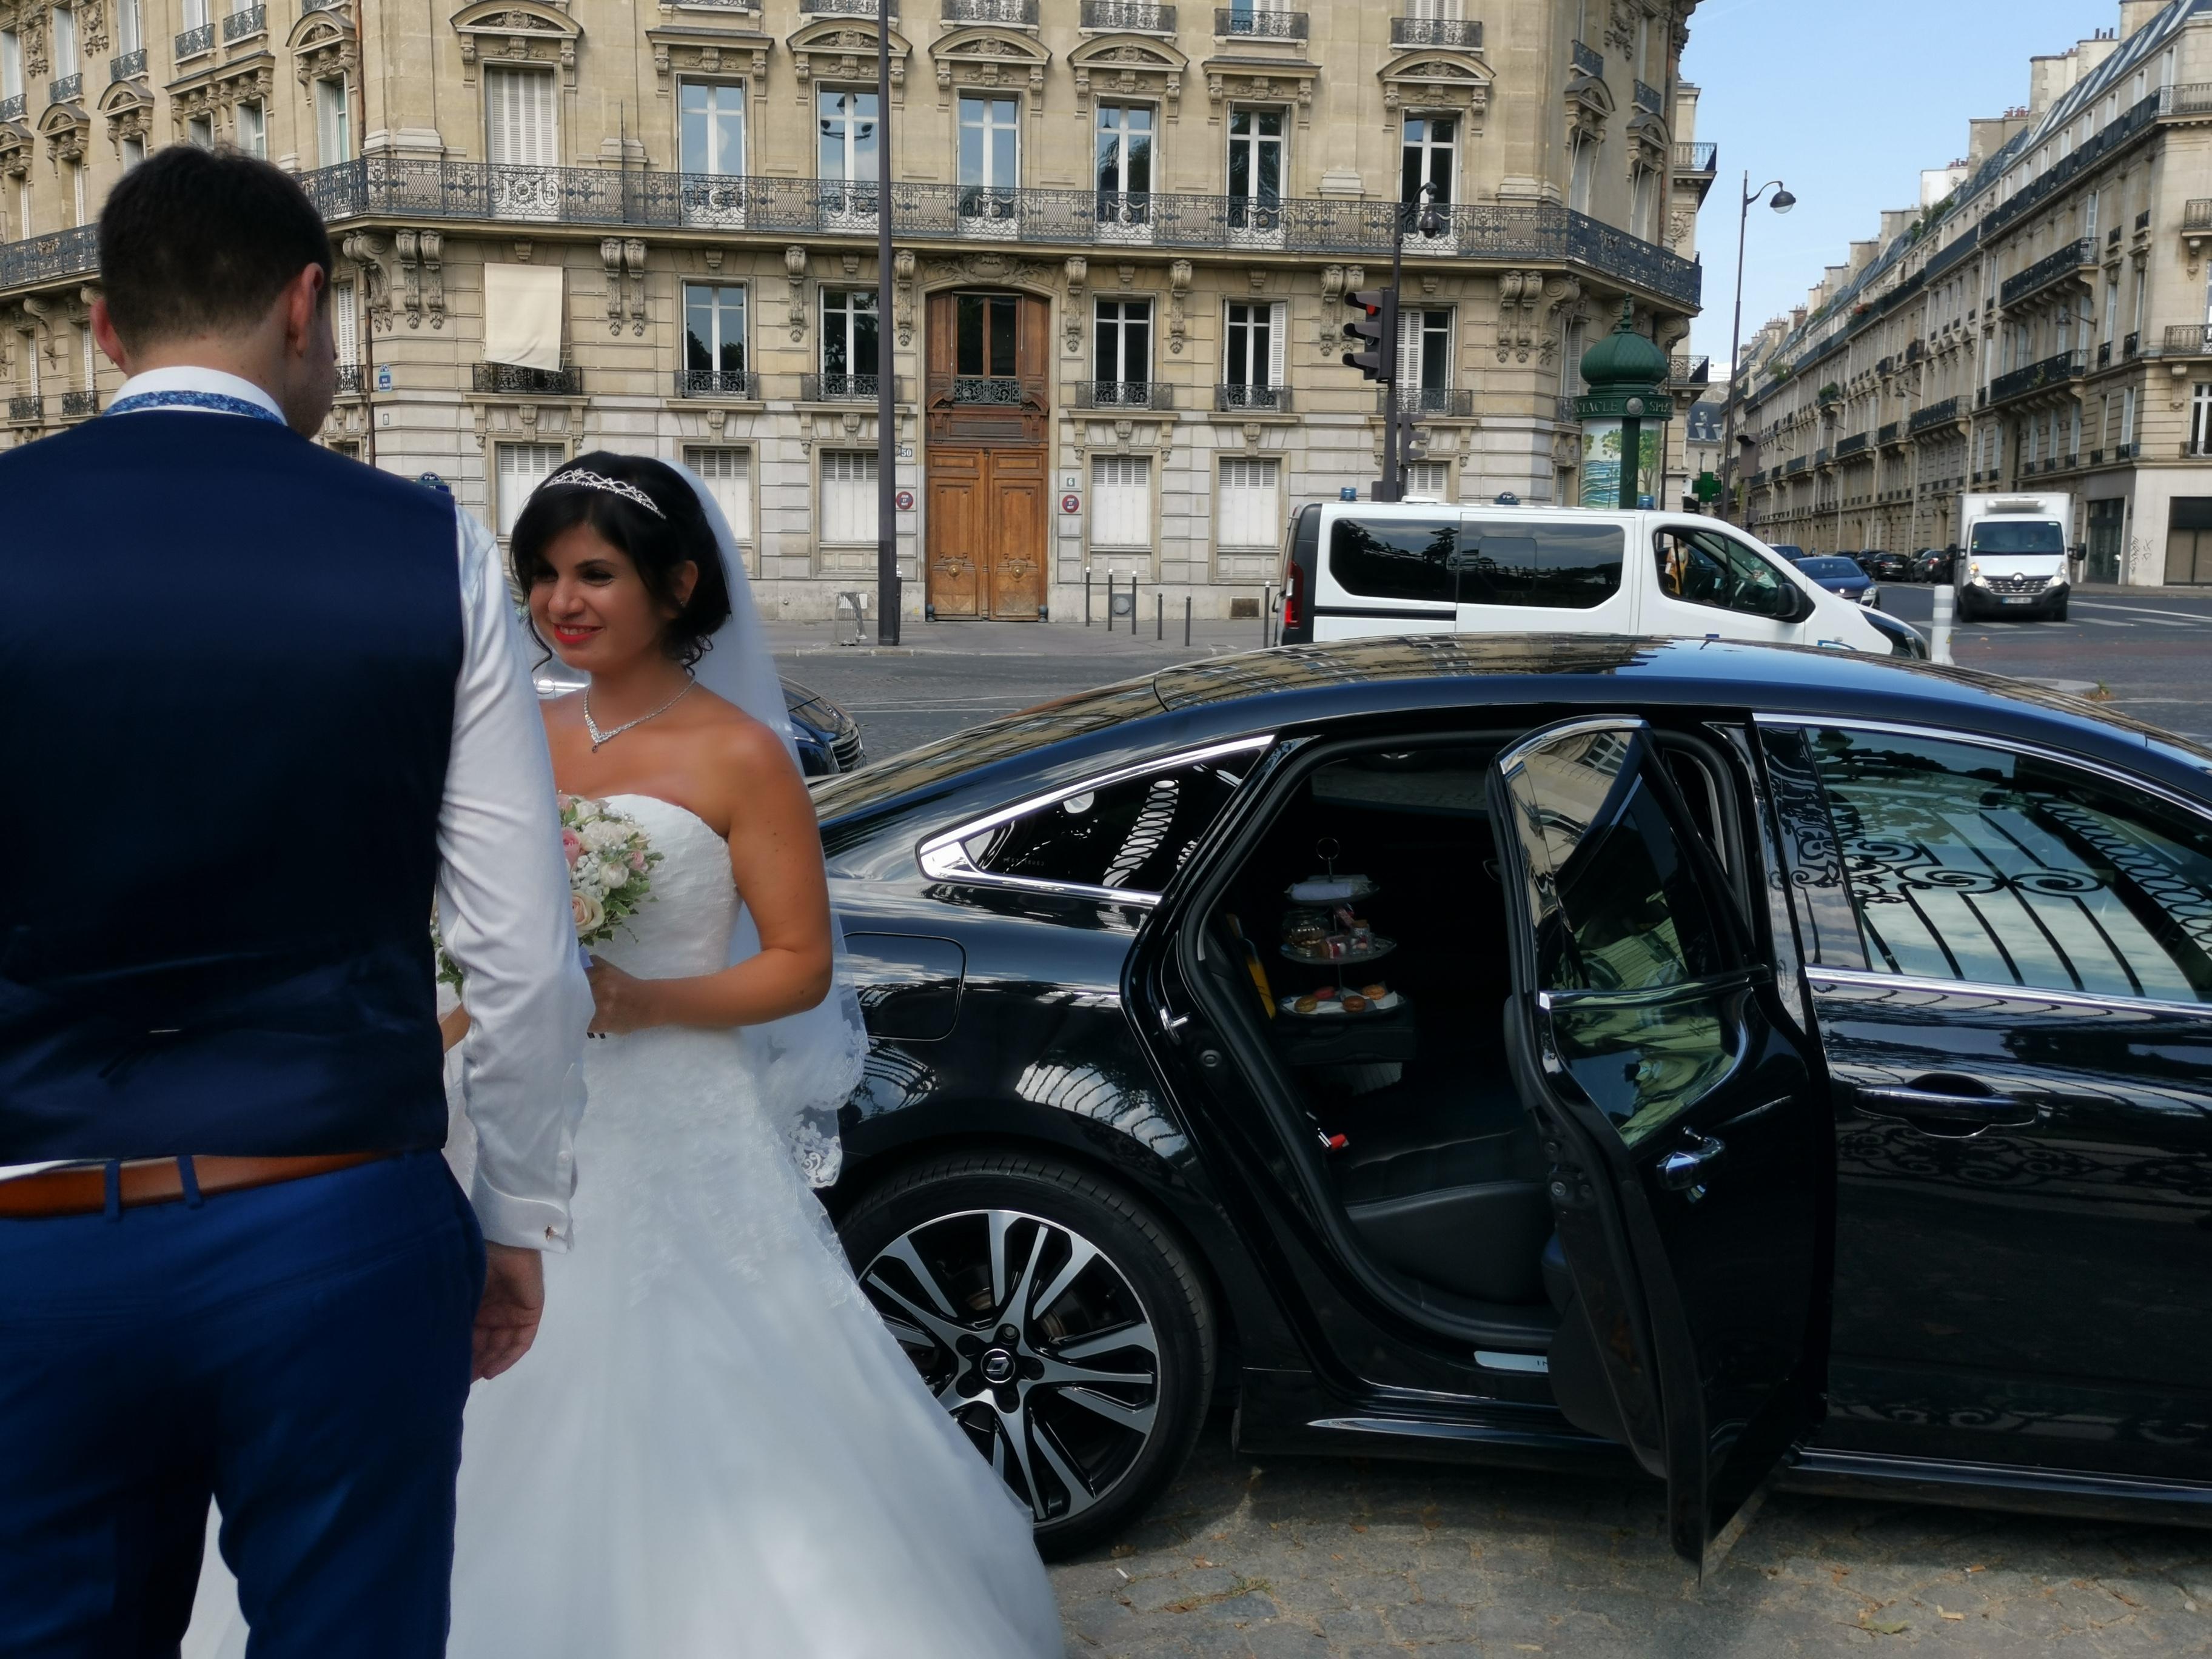 Voiture avec chauffeur mariage , événements, anniversaire